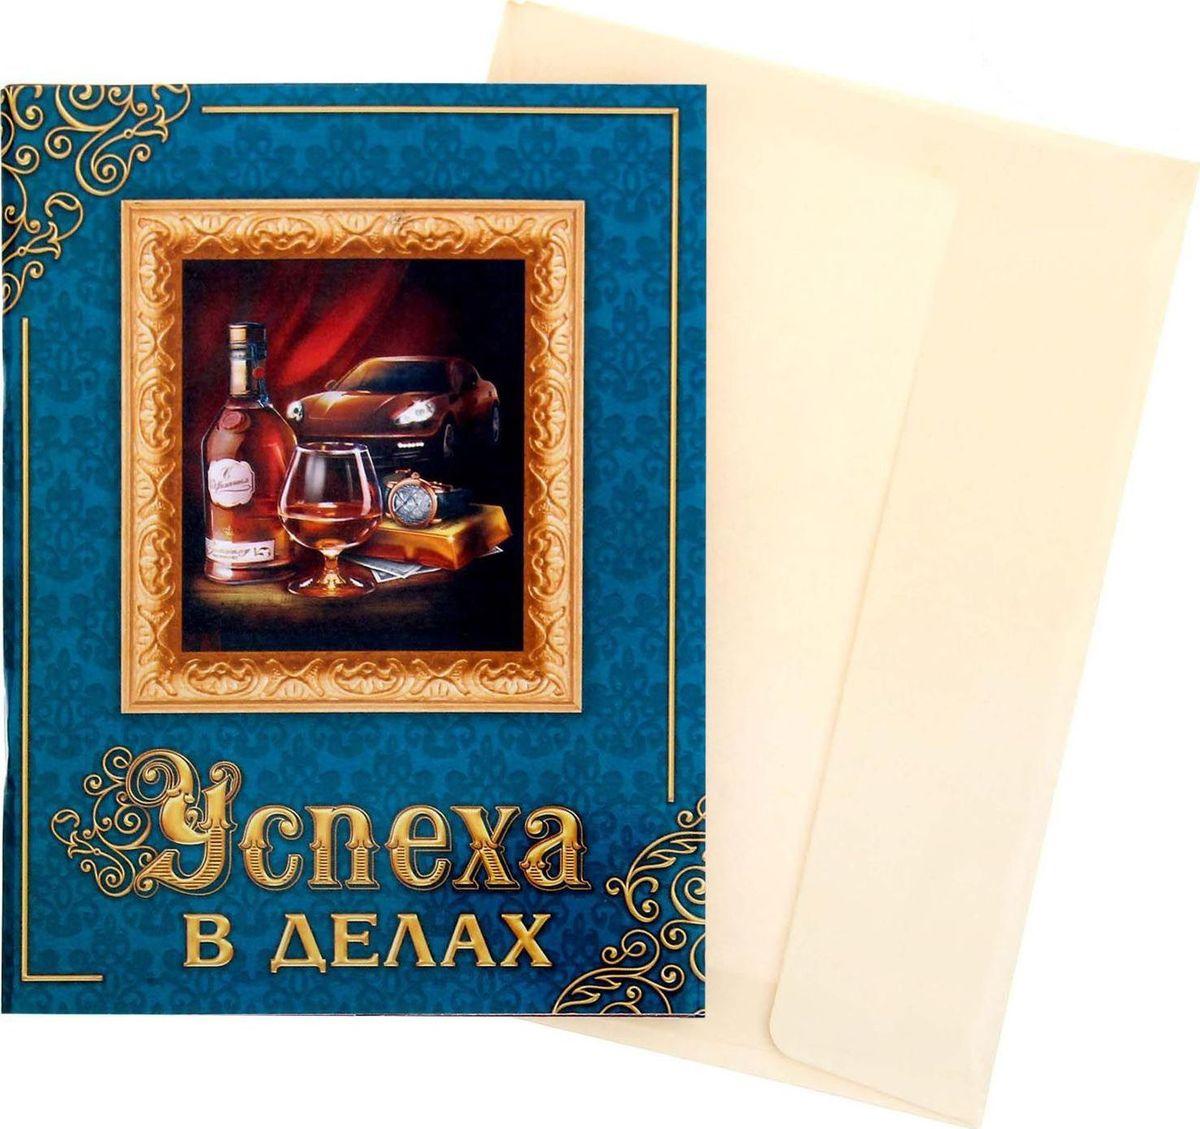 Блокнот-открытка Успеха в делах 32 листа1104978Блокнот-открытка Успеха в делах, 32 листа сочетает в себе красоту и практичность. Он содержит приятные пожелания от близких людей, а 32 дизайнерских листа с бархатной фактурой подарят отличное настроение владельцу. В отличие от обычной открытки, которая будет пылиться в шкафу, блокнотом приятно пользоваться! Изделие дополнено универсальным конвертом, подпишите его и вручите сувенир адресату на любой праздник.